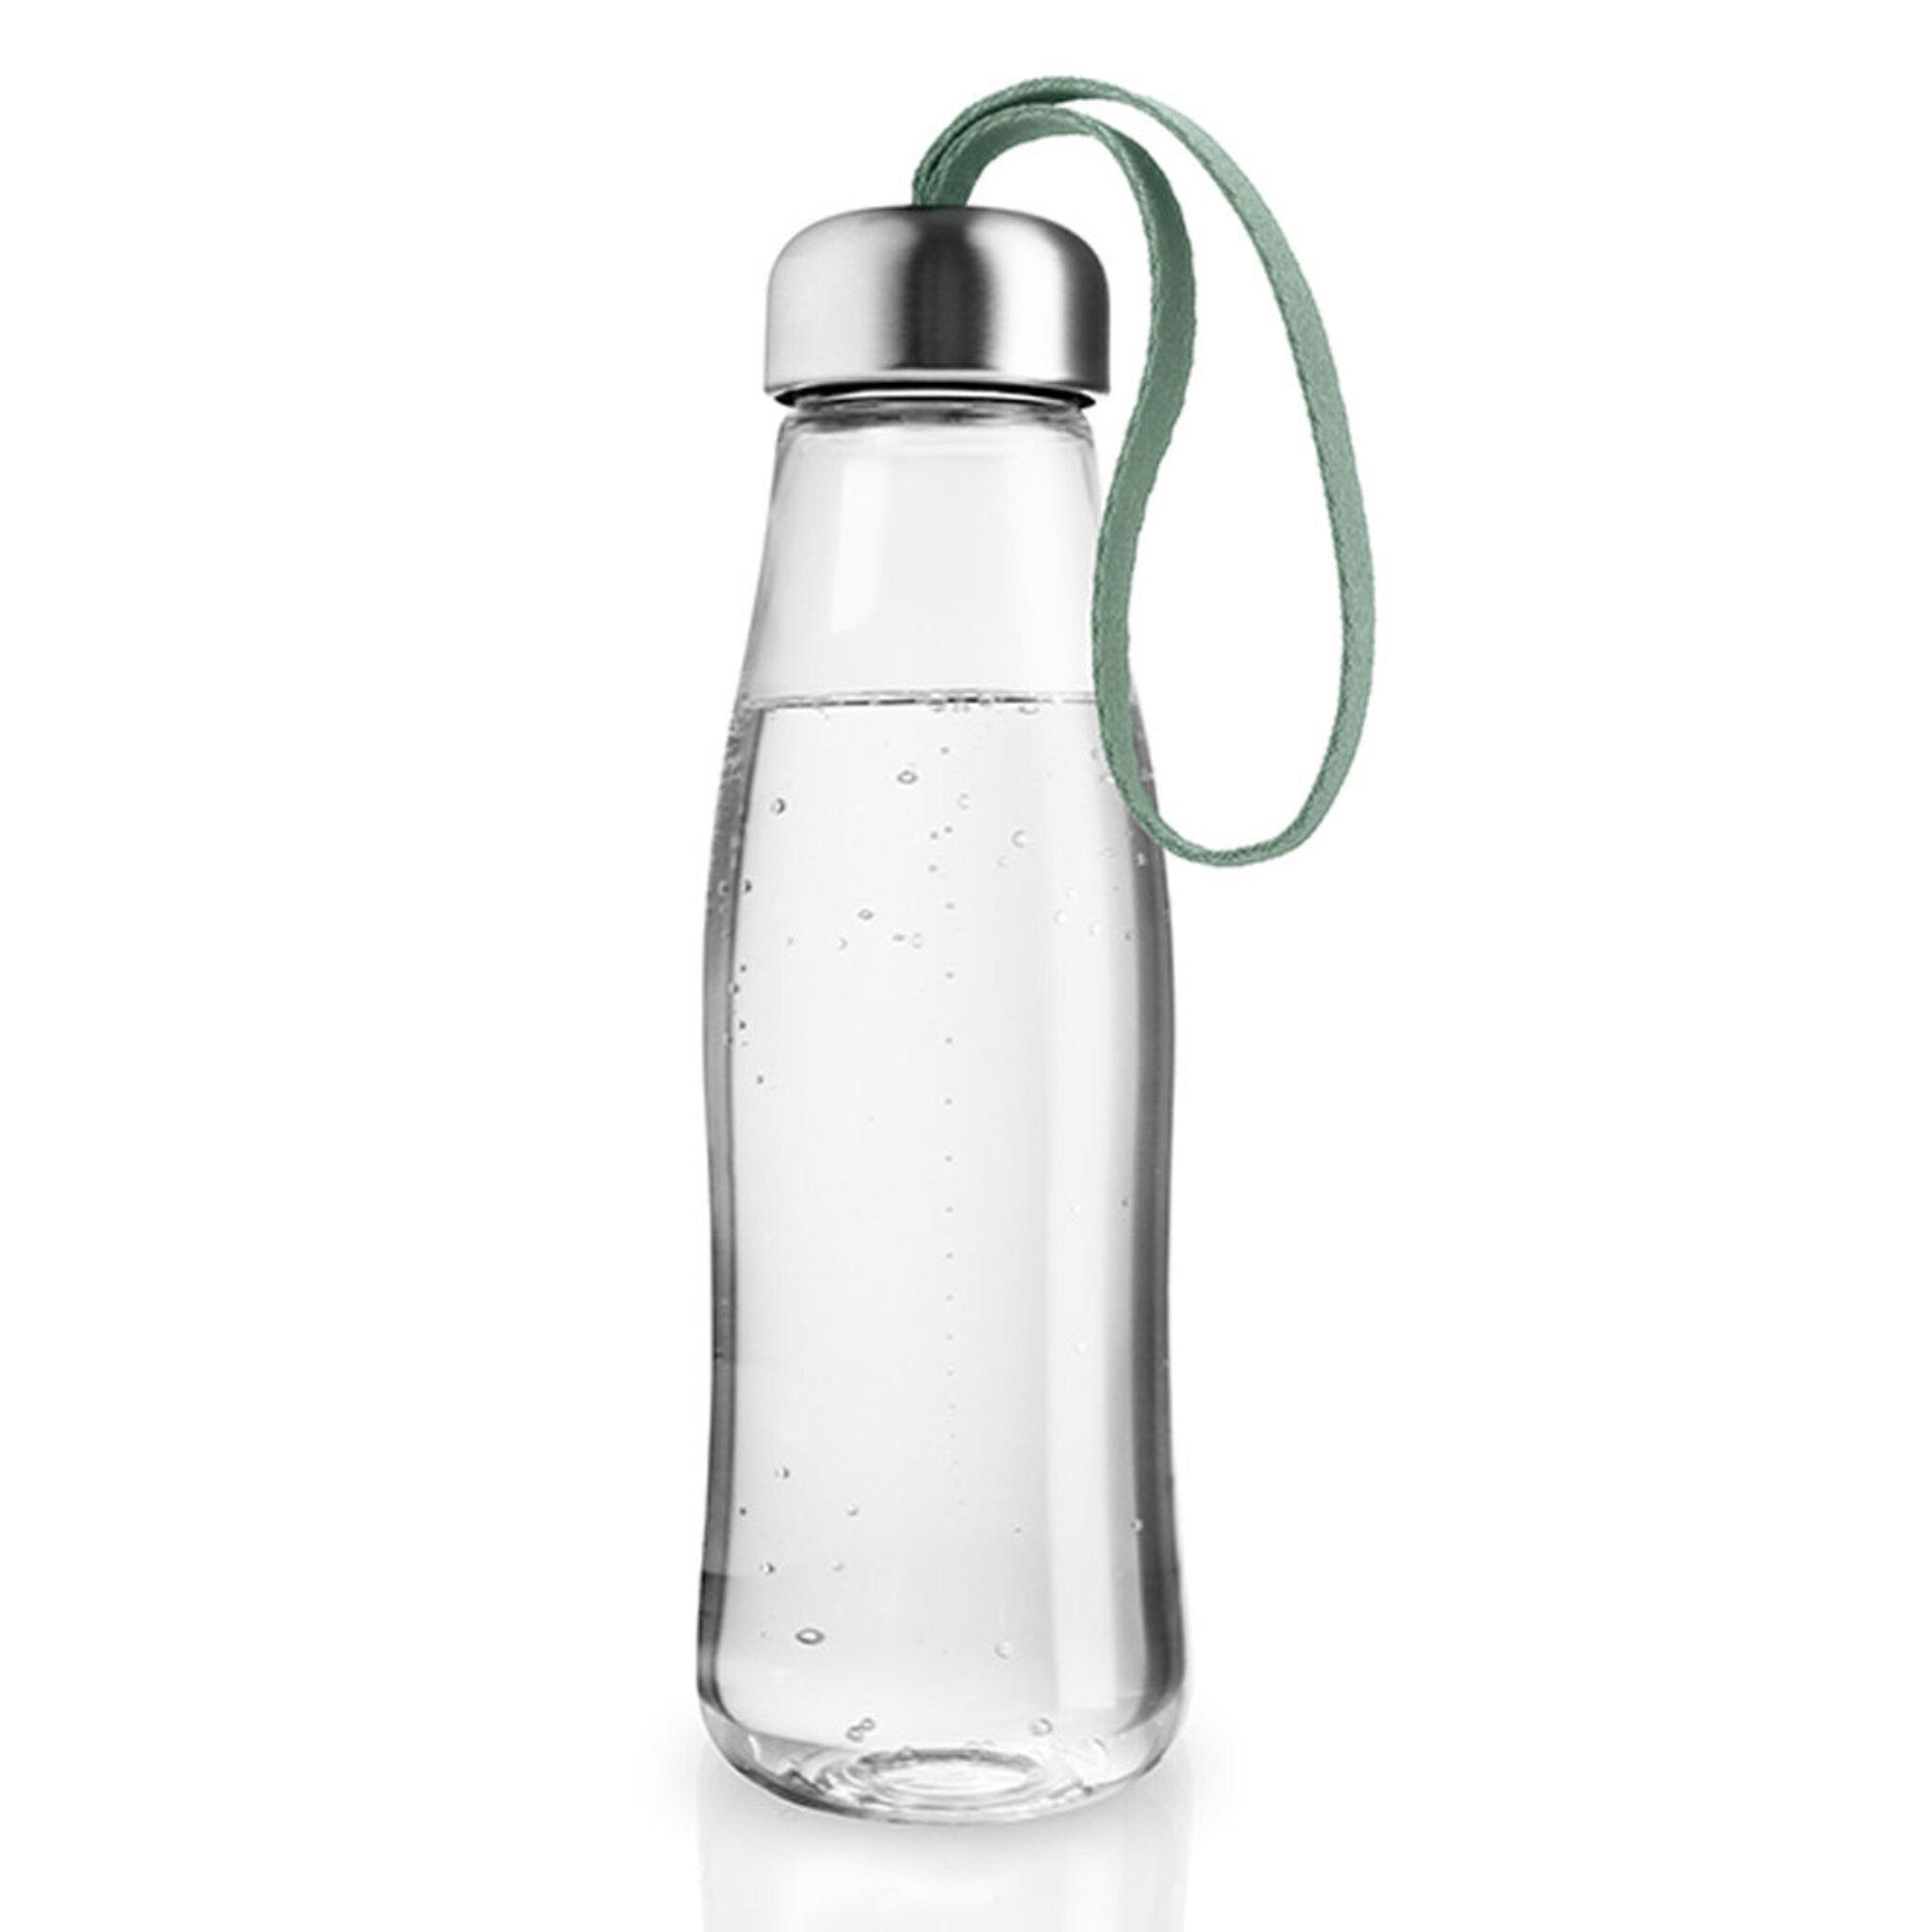 Drickflaska glas 05 l